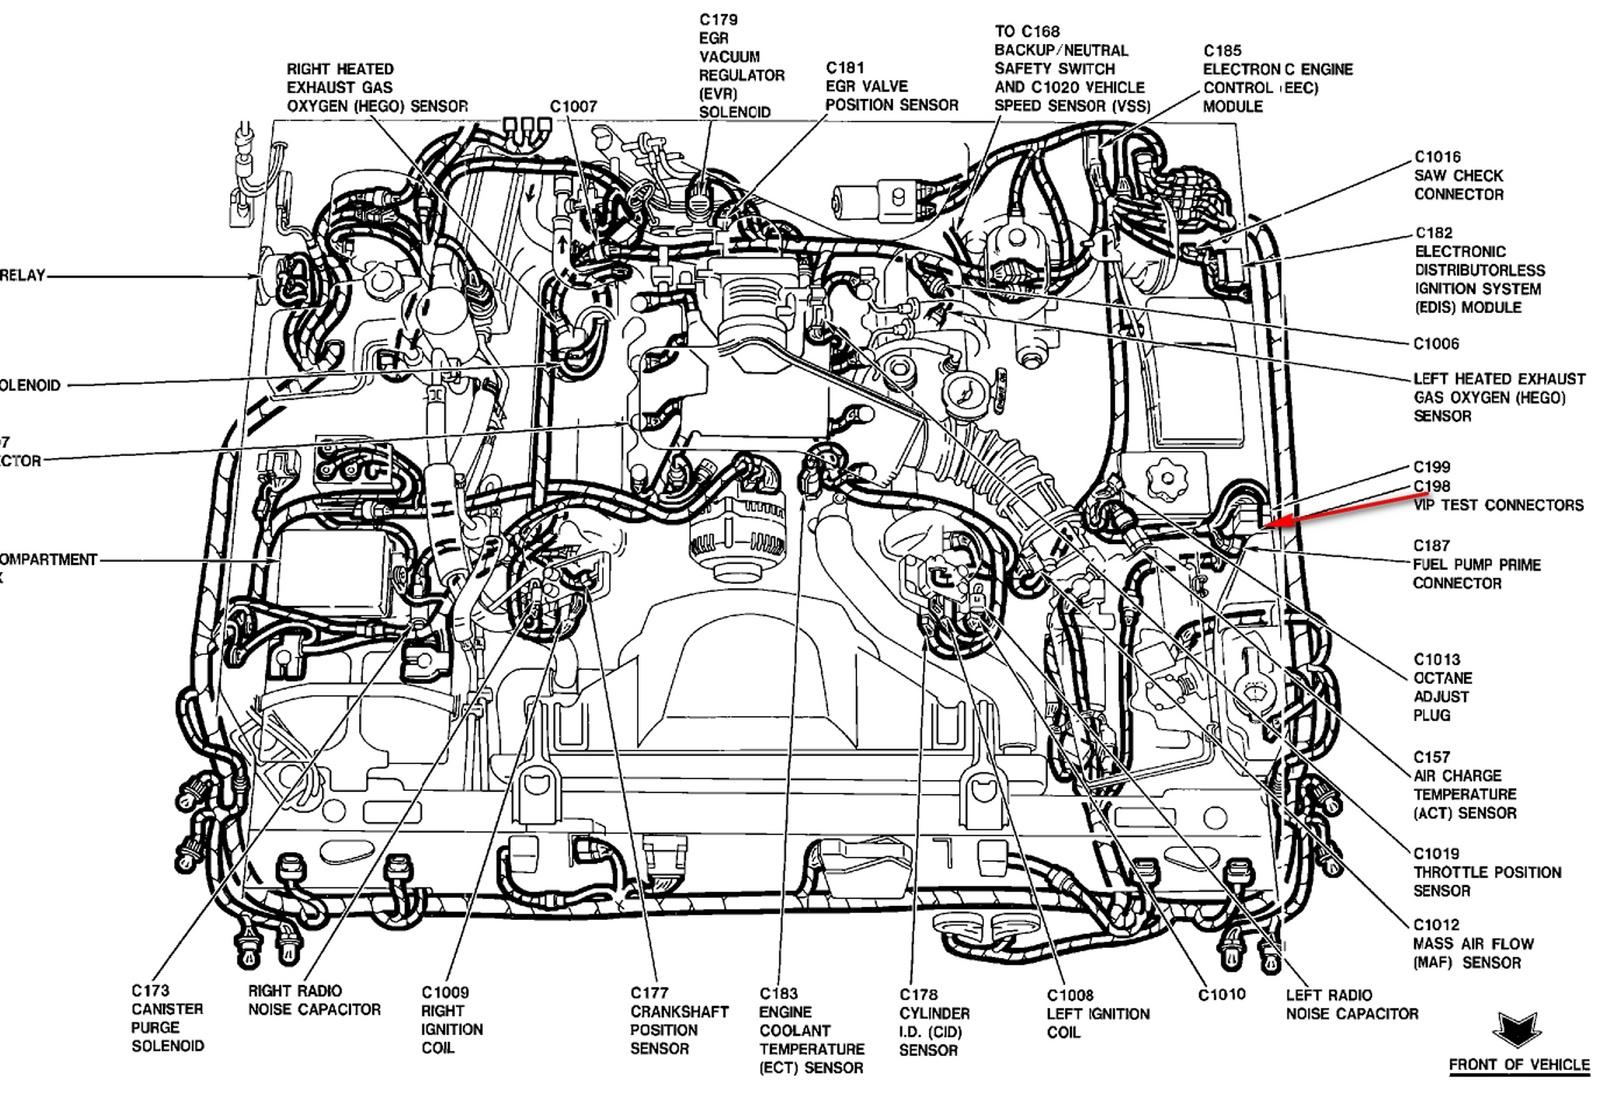 hight resolution of 2002 saturn sl1 engine diagram coolant temperature sensor